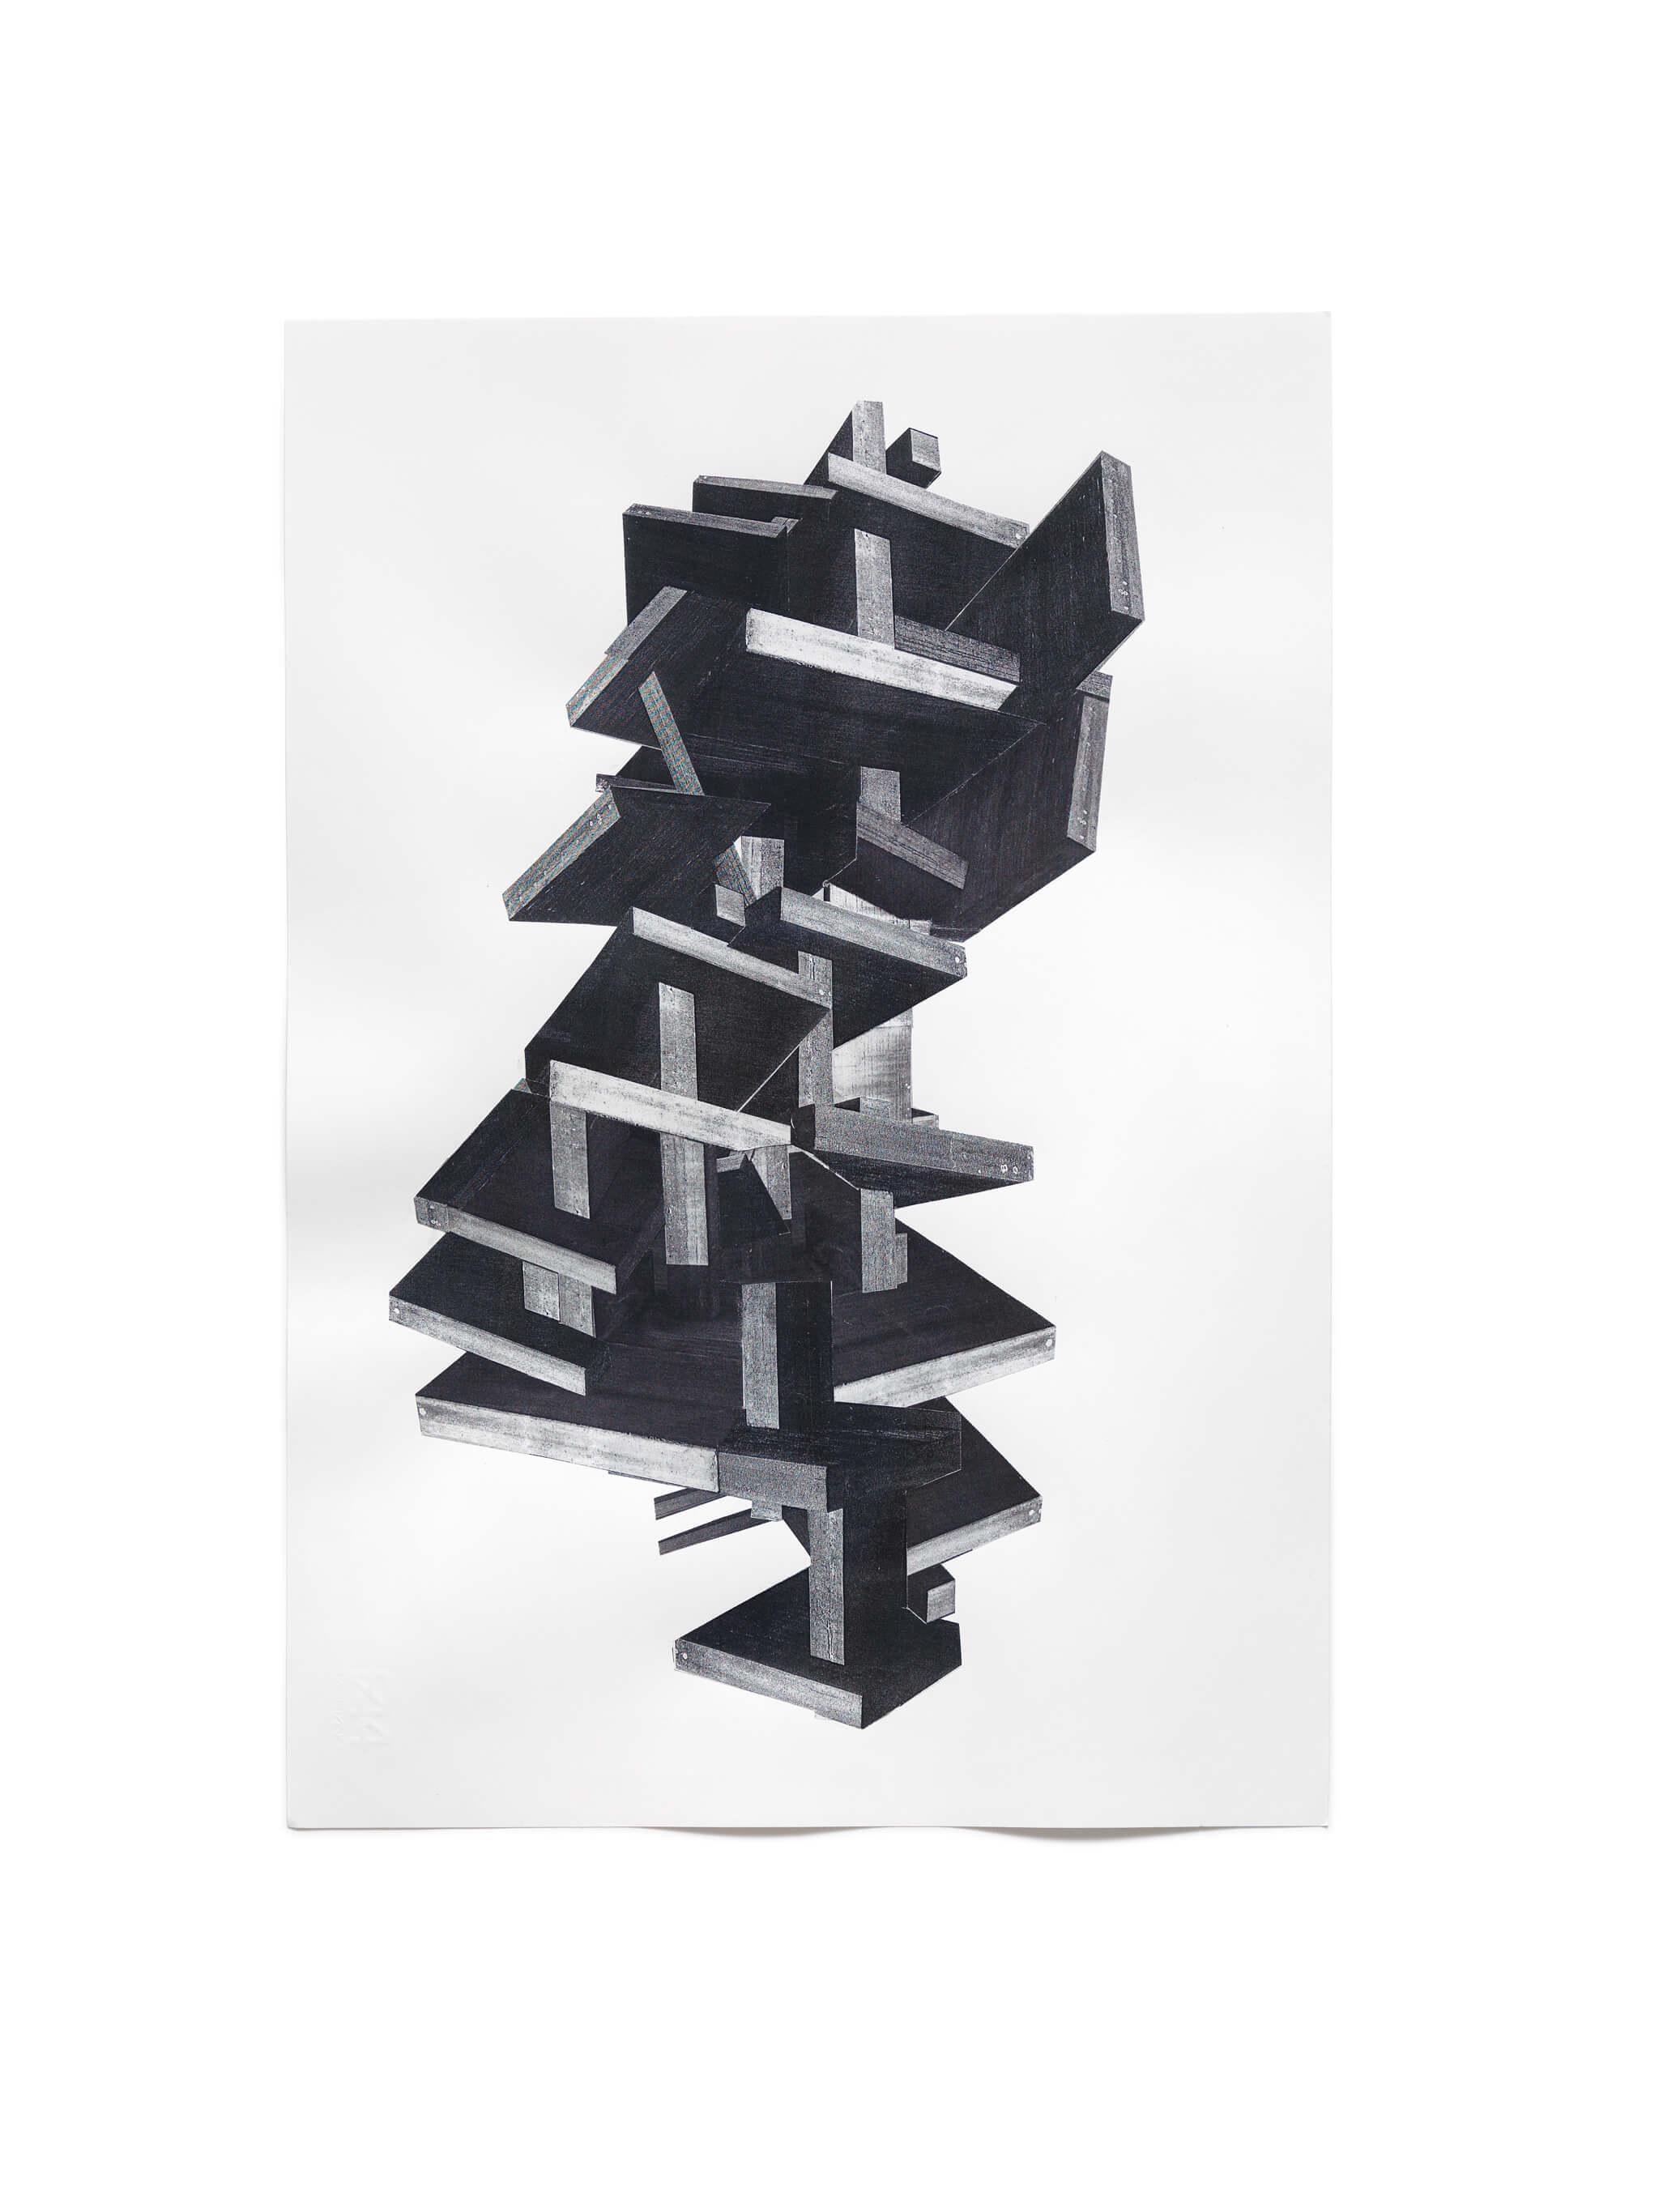 73_Frauke-Dannert_Collage_Papiercollage_Ohne-Titel_Untitled_2013